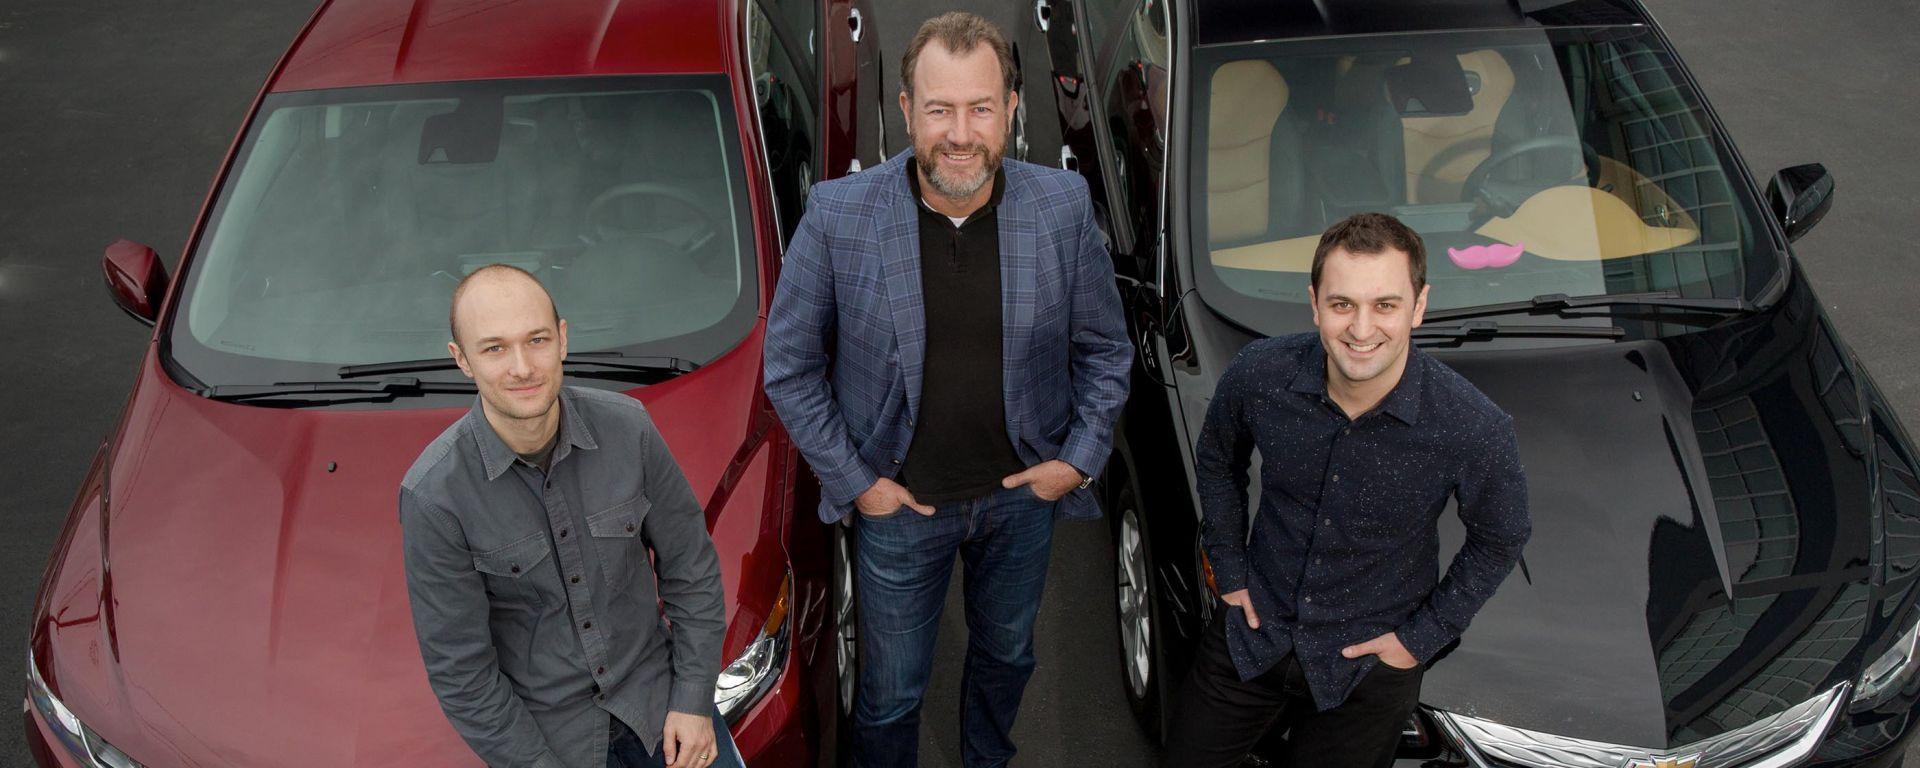 Secondo il presidente di Lyft entro il 2025 nelle città statunitensi ci saranno quasi unicamente auto di servizi di car sharing